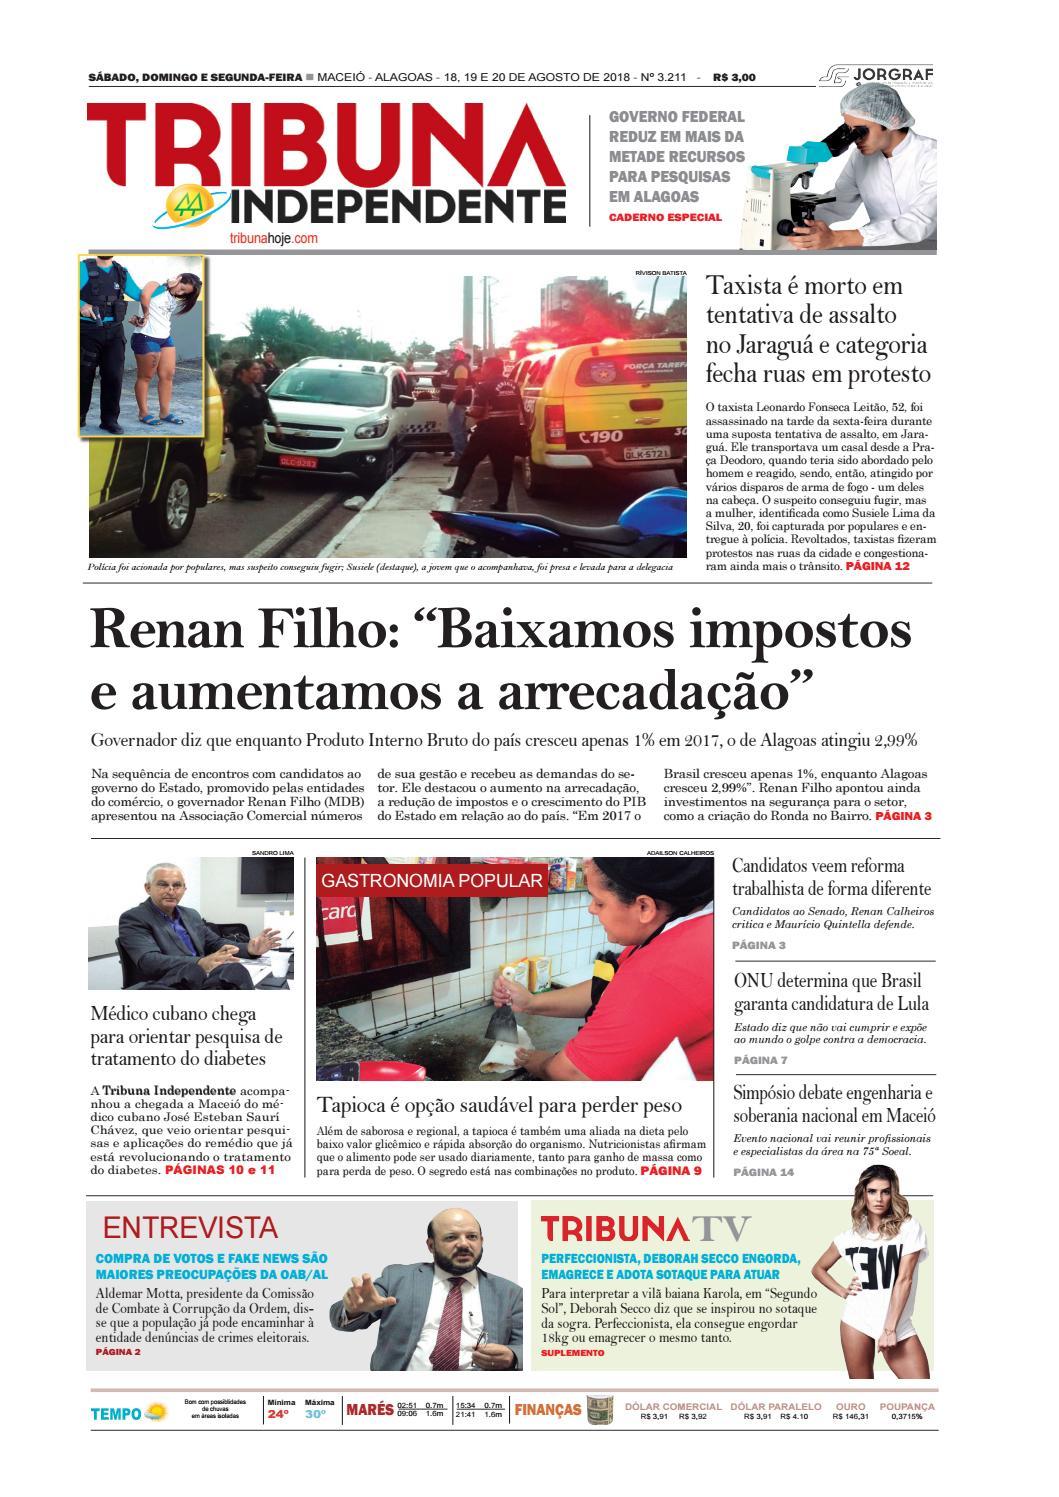 4d8e7bd2b5 Edição número 3211 - 18 e 19 de agosto de 2018 by Tribuna Hoje - issuu